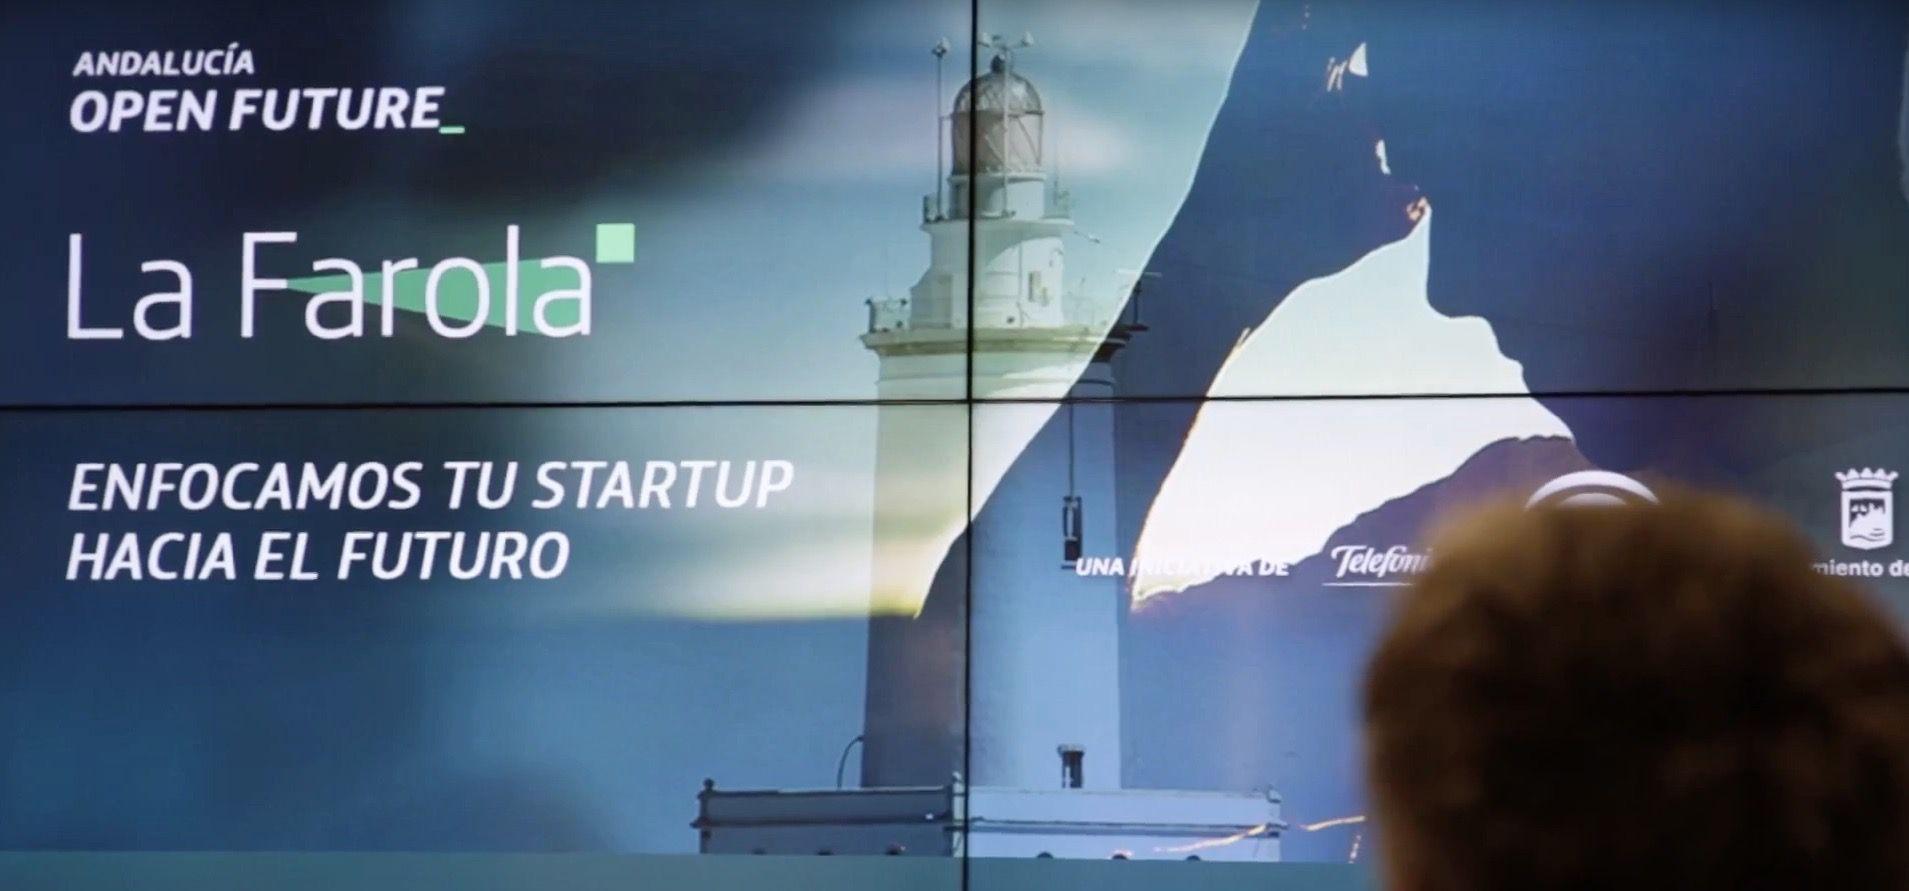 Hoy se celebra el #DíaMundialdelTurismo. Y desde Extradigital queremos centrar el foco en l@s empredendores y las startup del sector en Andalucía.